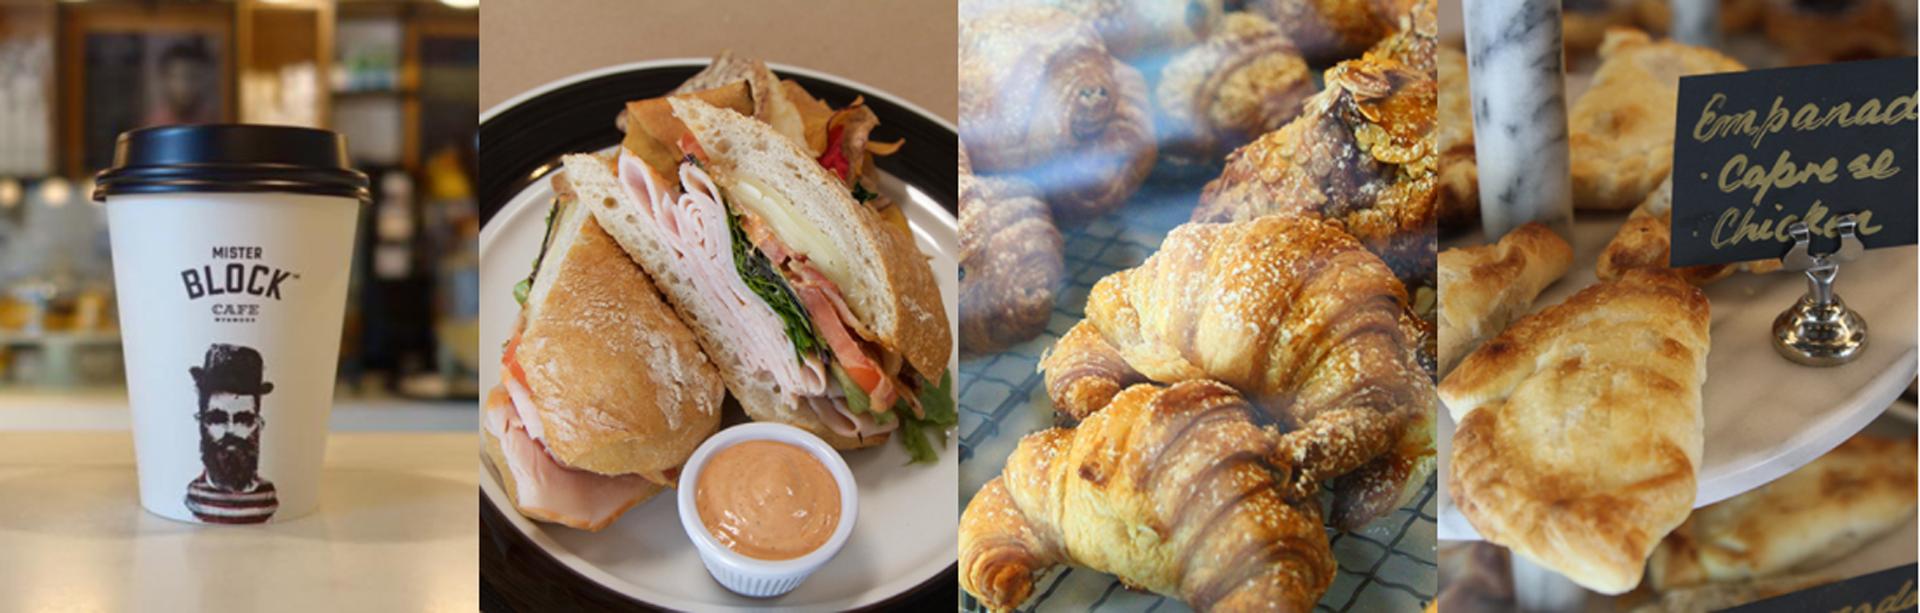 Las delicias que pueden encontrar en el menú que ofrecen en Mister Block Café Miami, ubicado en2621 NW 2nd Ave, FL.